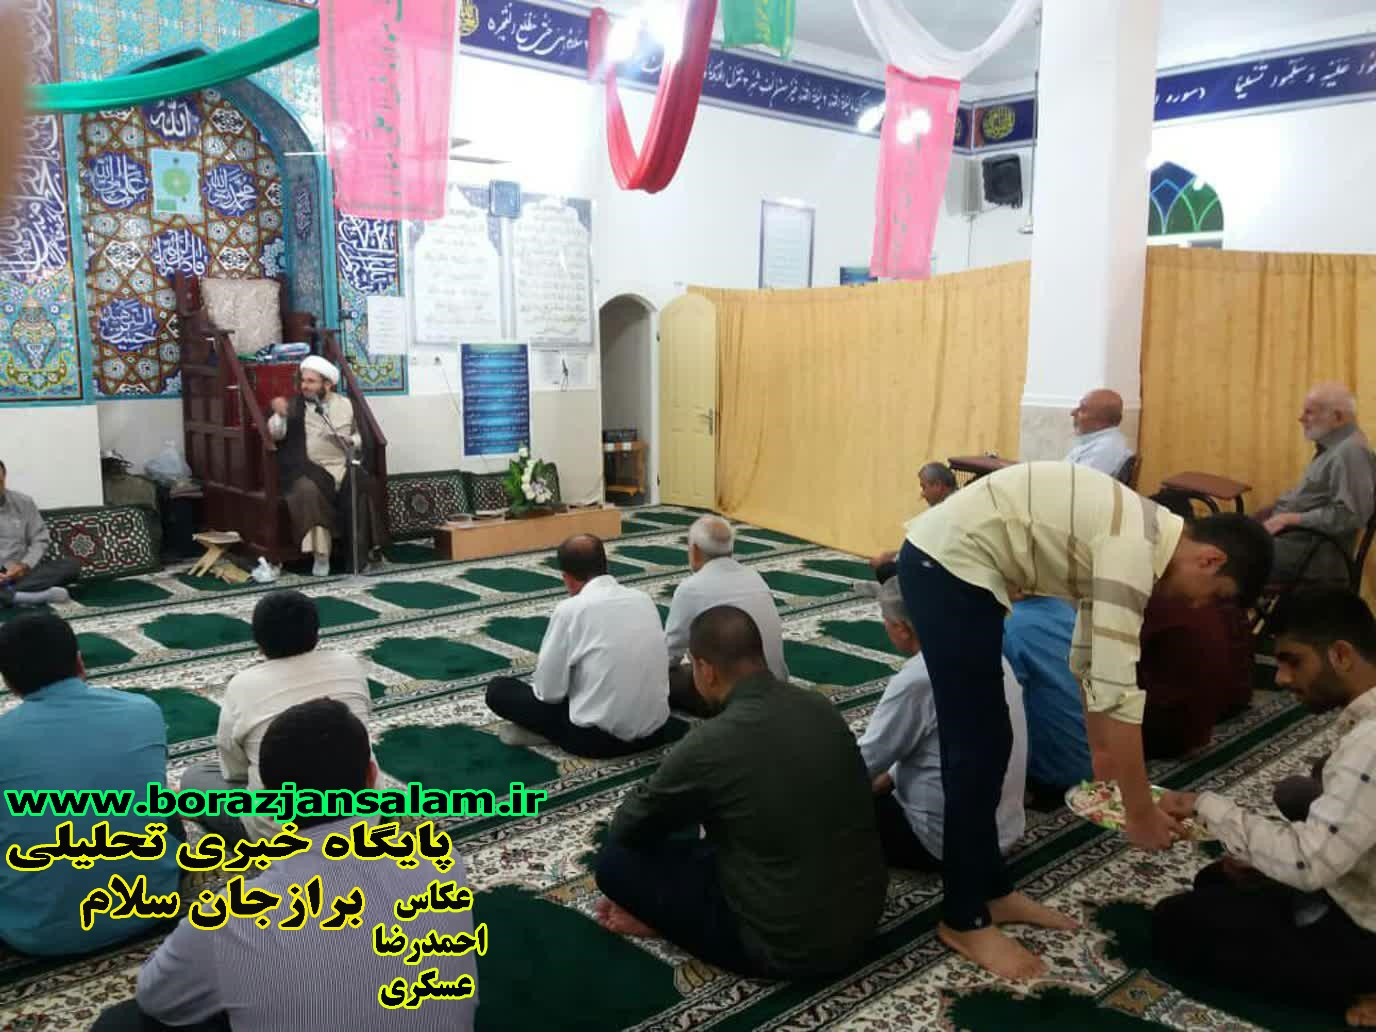 تصاویر شب عید غدیر خم مسجد امام خمینی (ره) برازجان به همرا سخنرانی حاج اقا فیضی